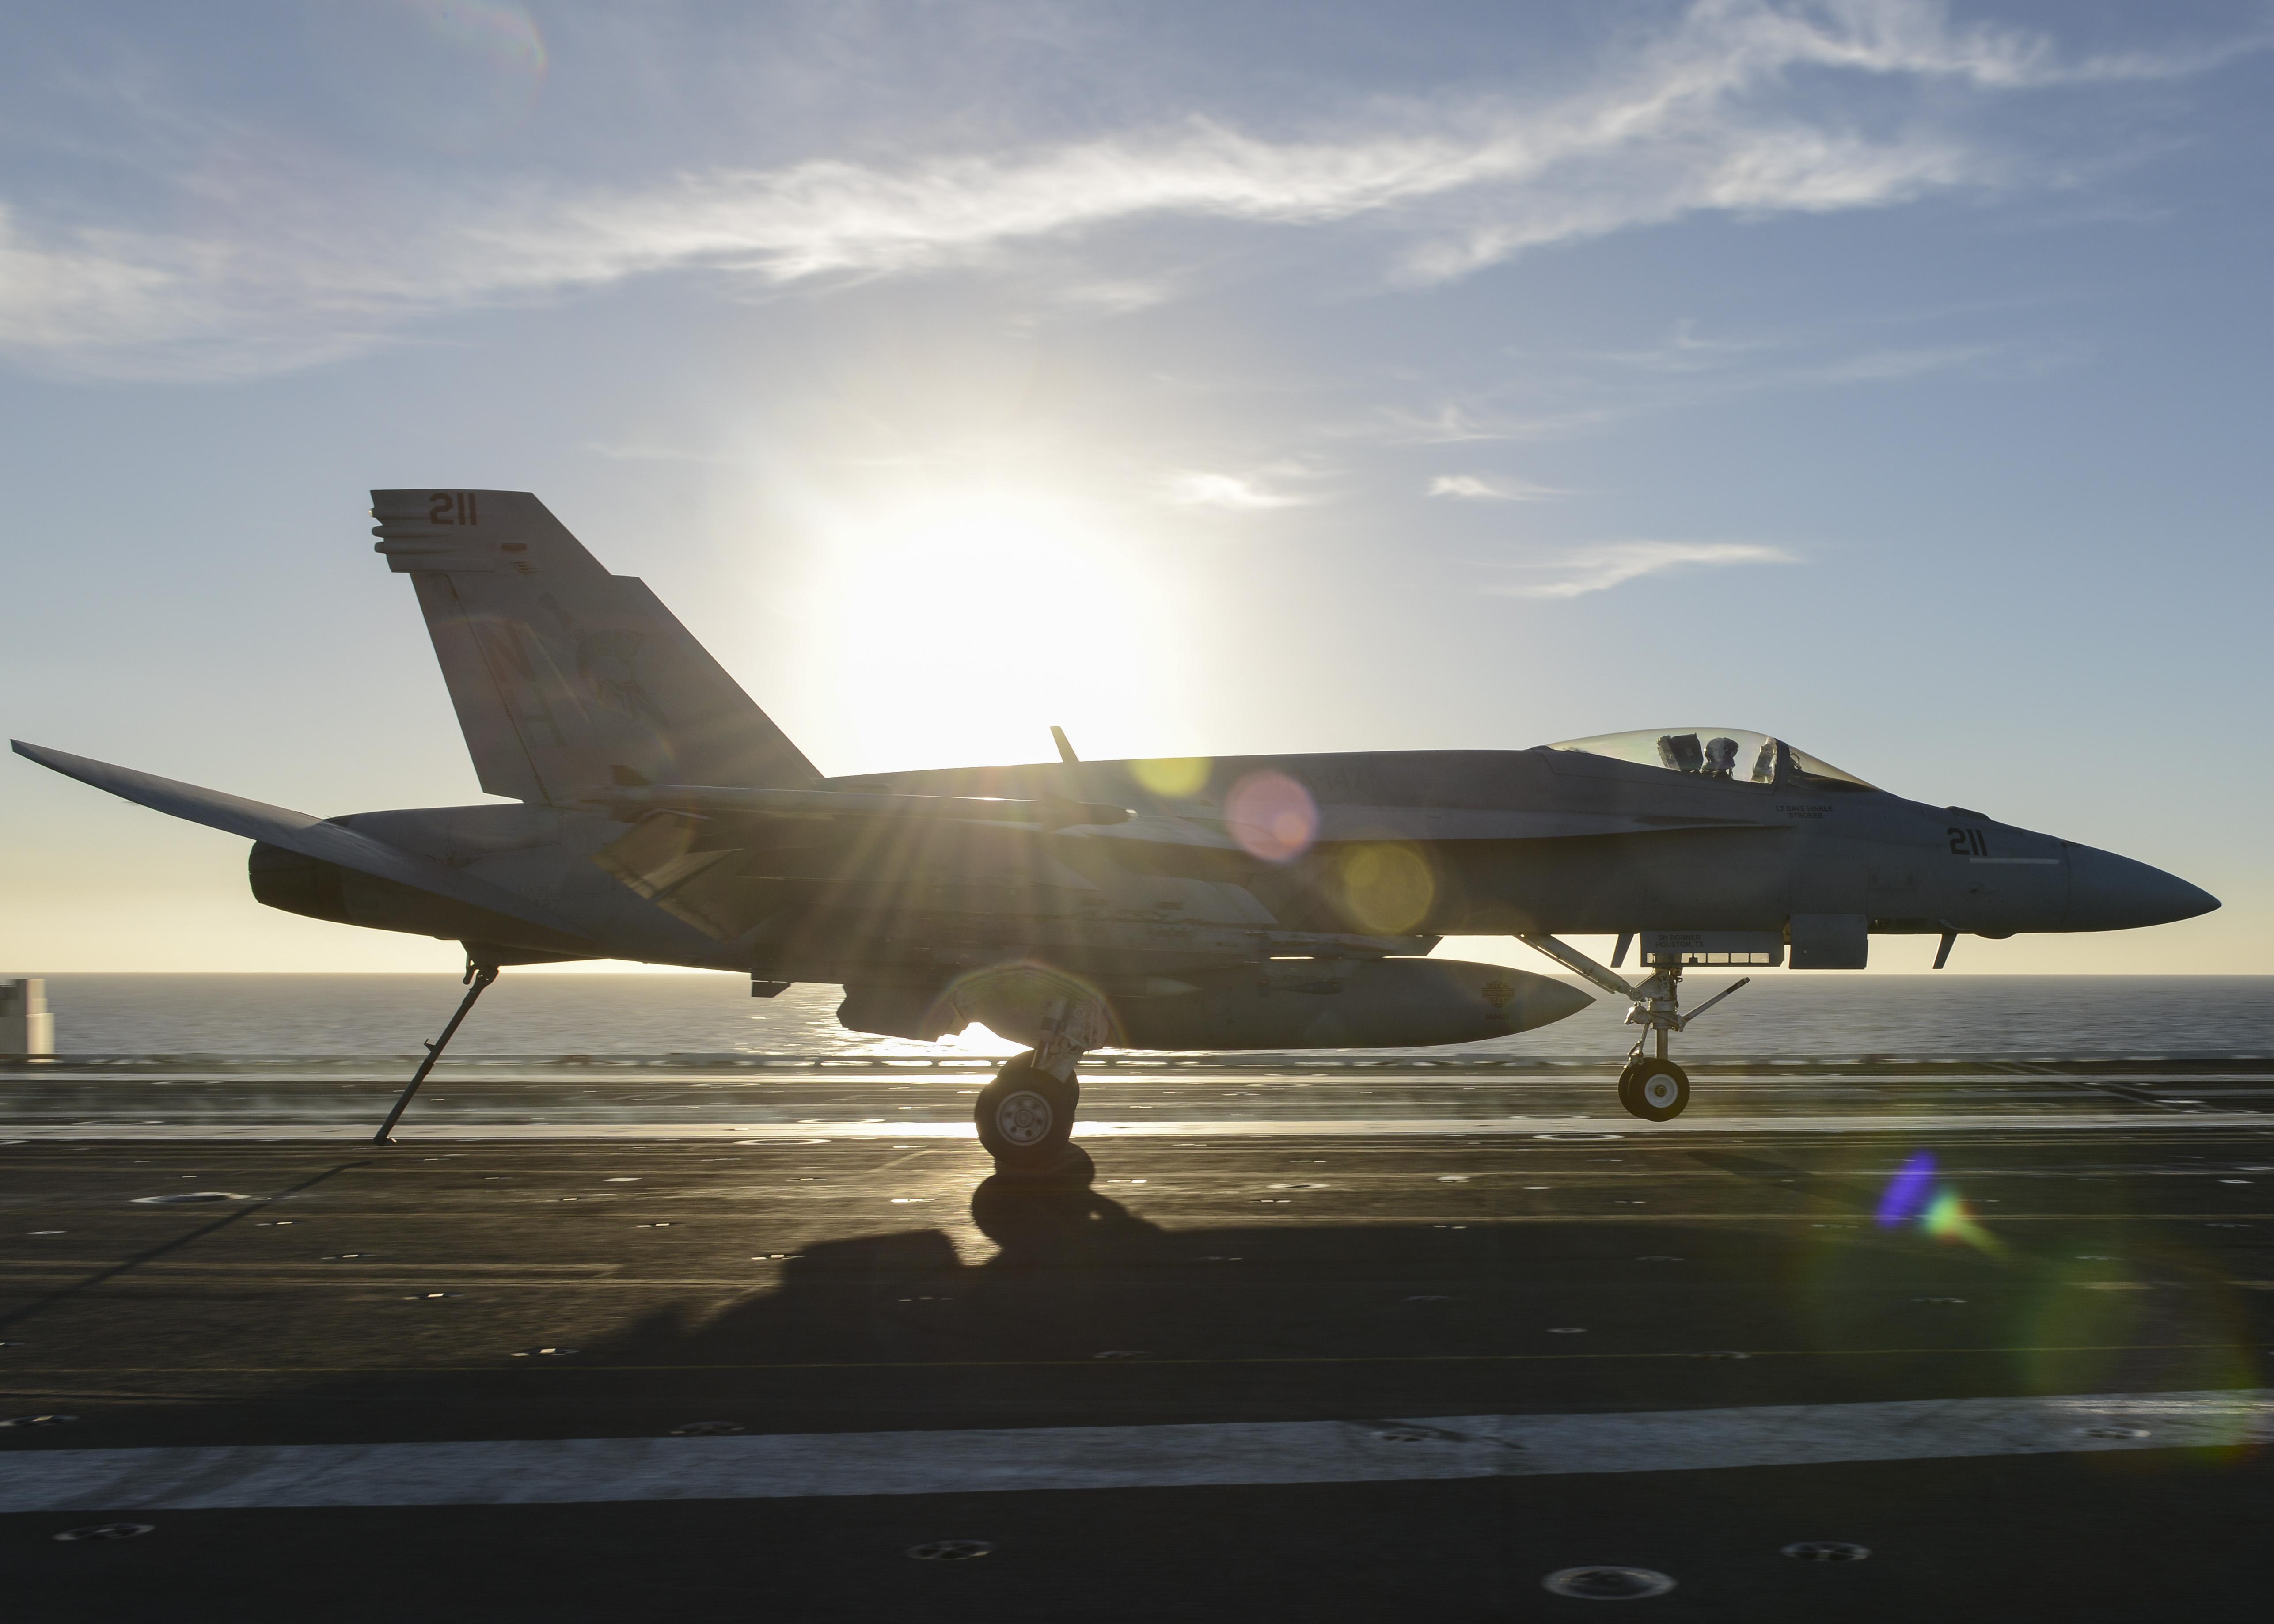 F/A-18E Super Hornet launches off flightdeck